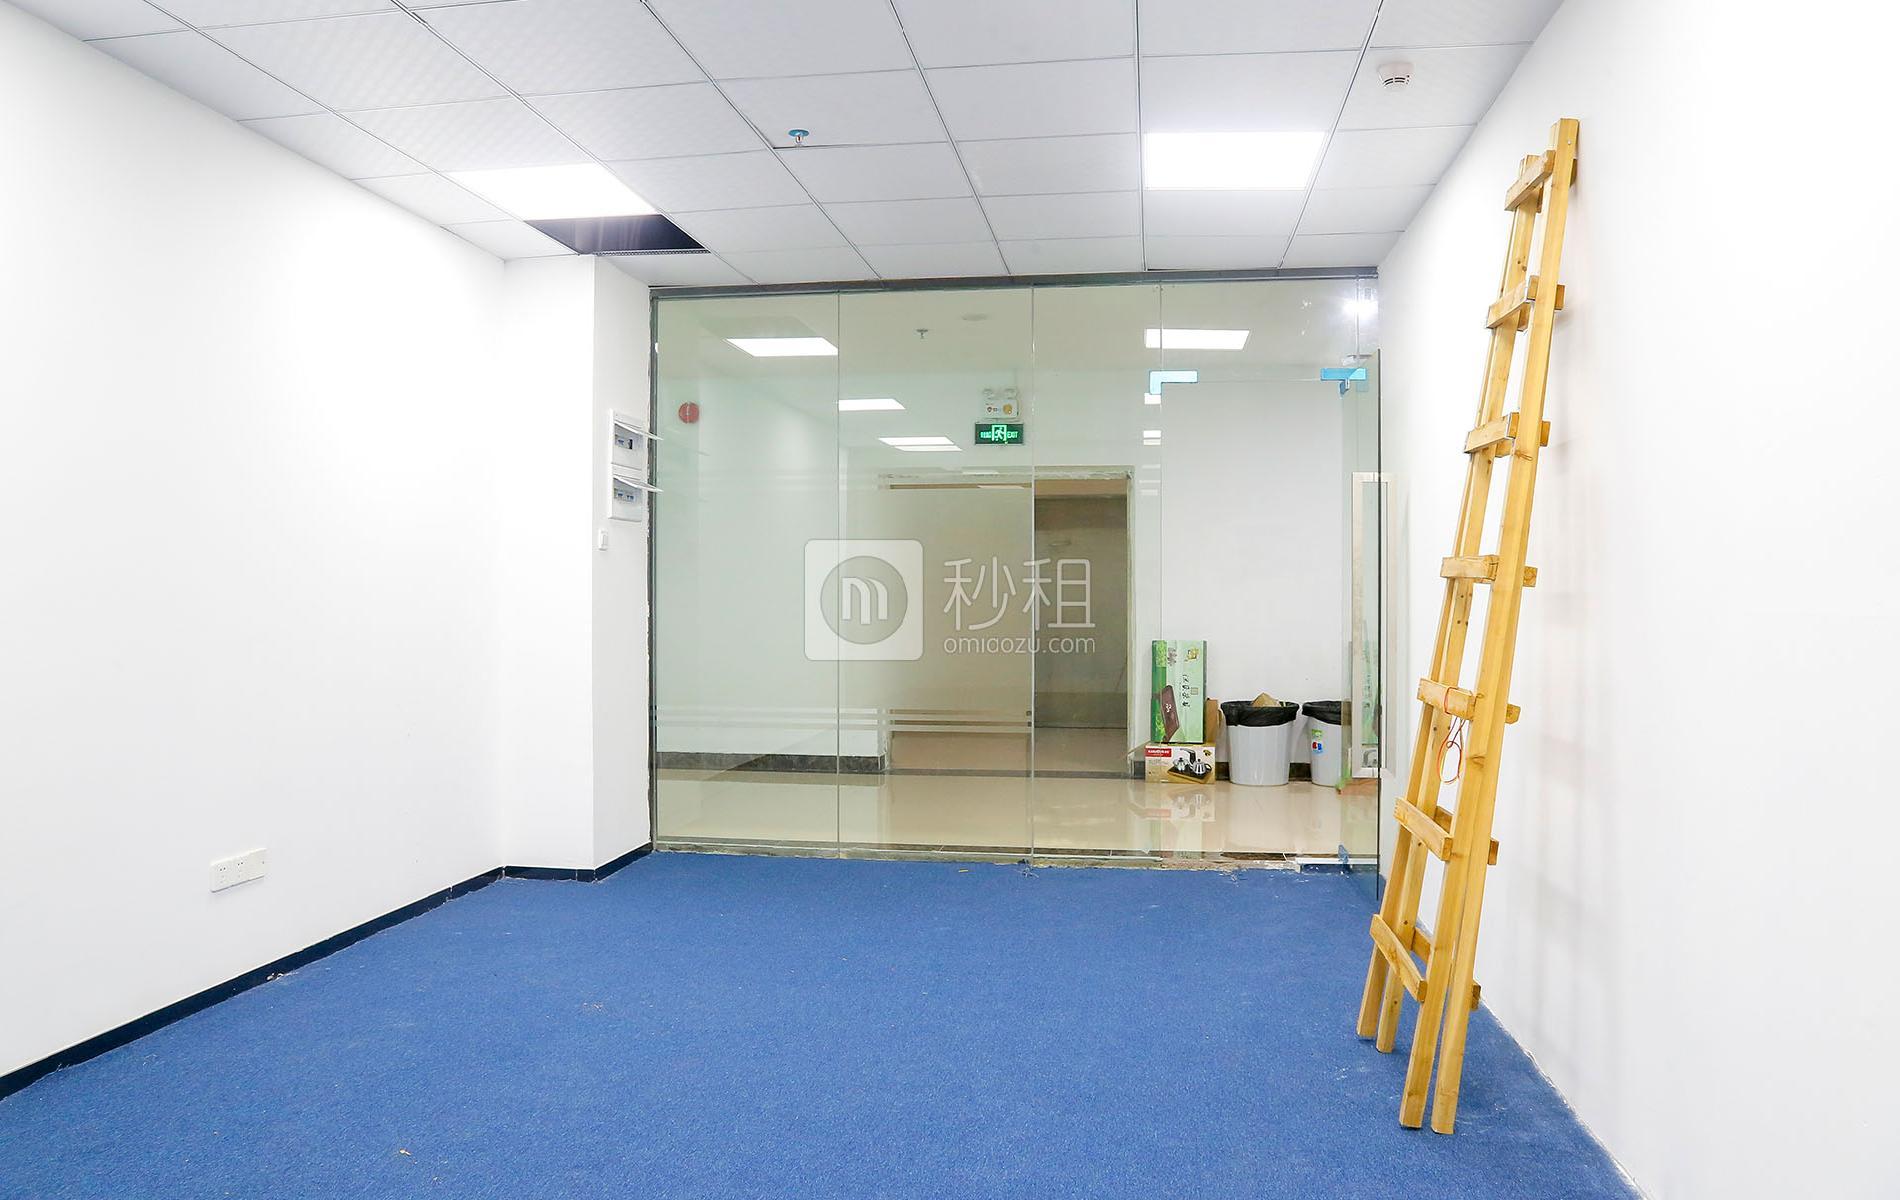 深福保科技工业园